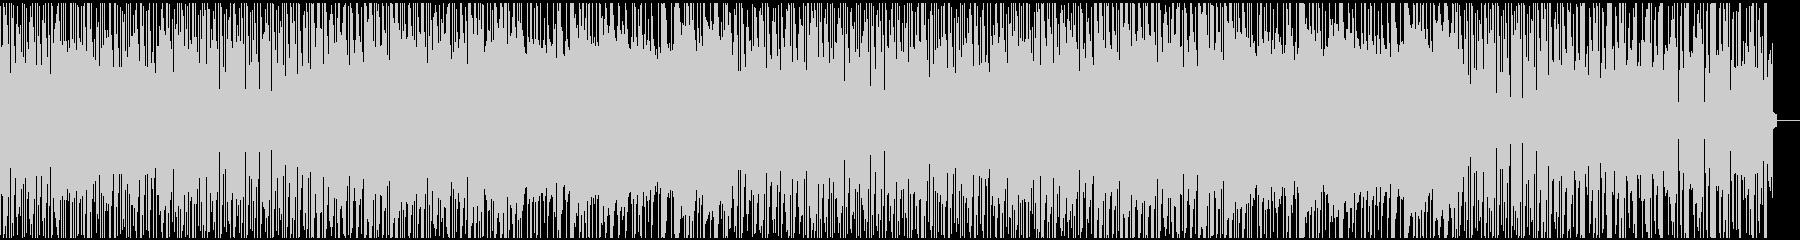 かすれたピアノが美しいchillHopの未再生の波形